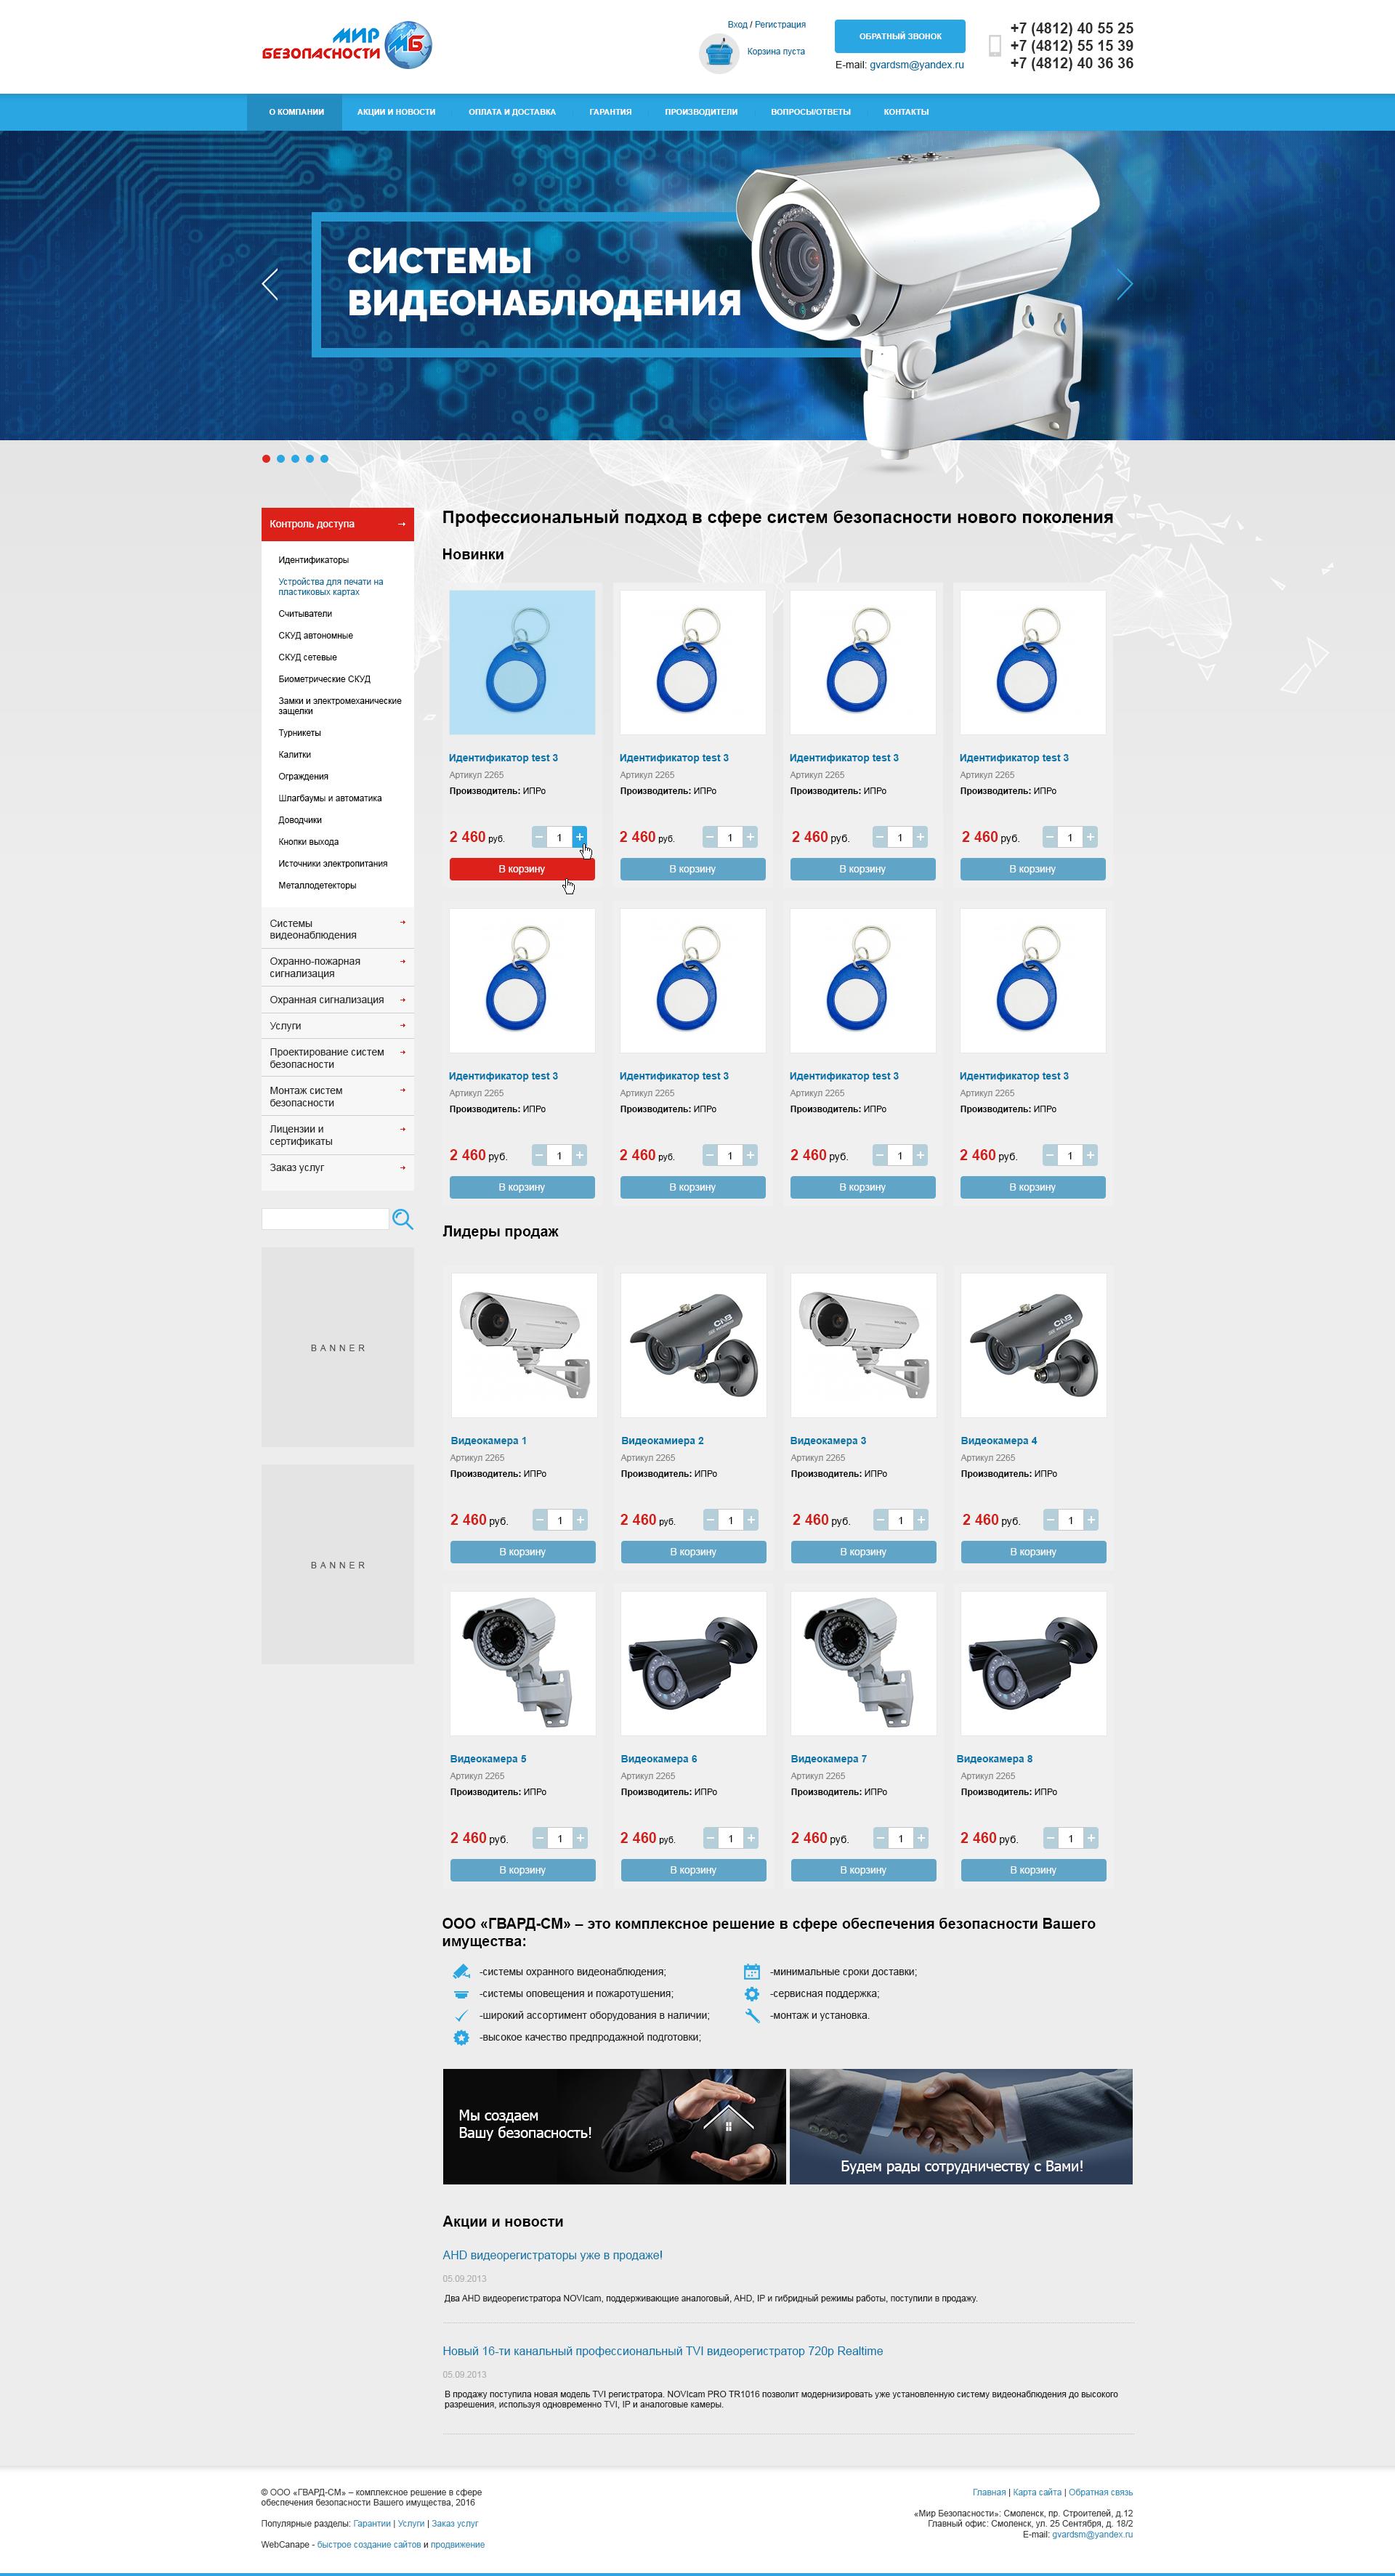 Разработка интернет магазина занимающегося продажей охранных систем и систем видеонаблюдения